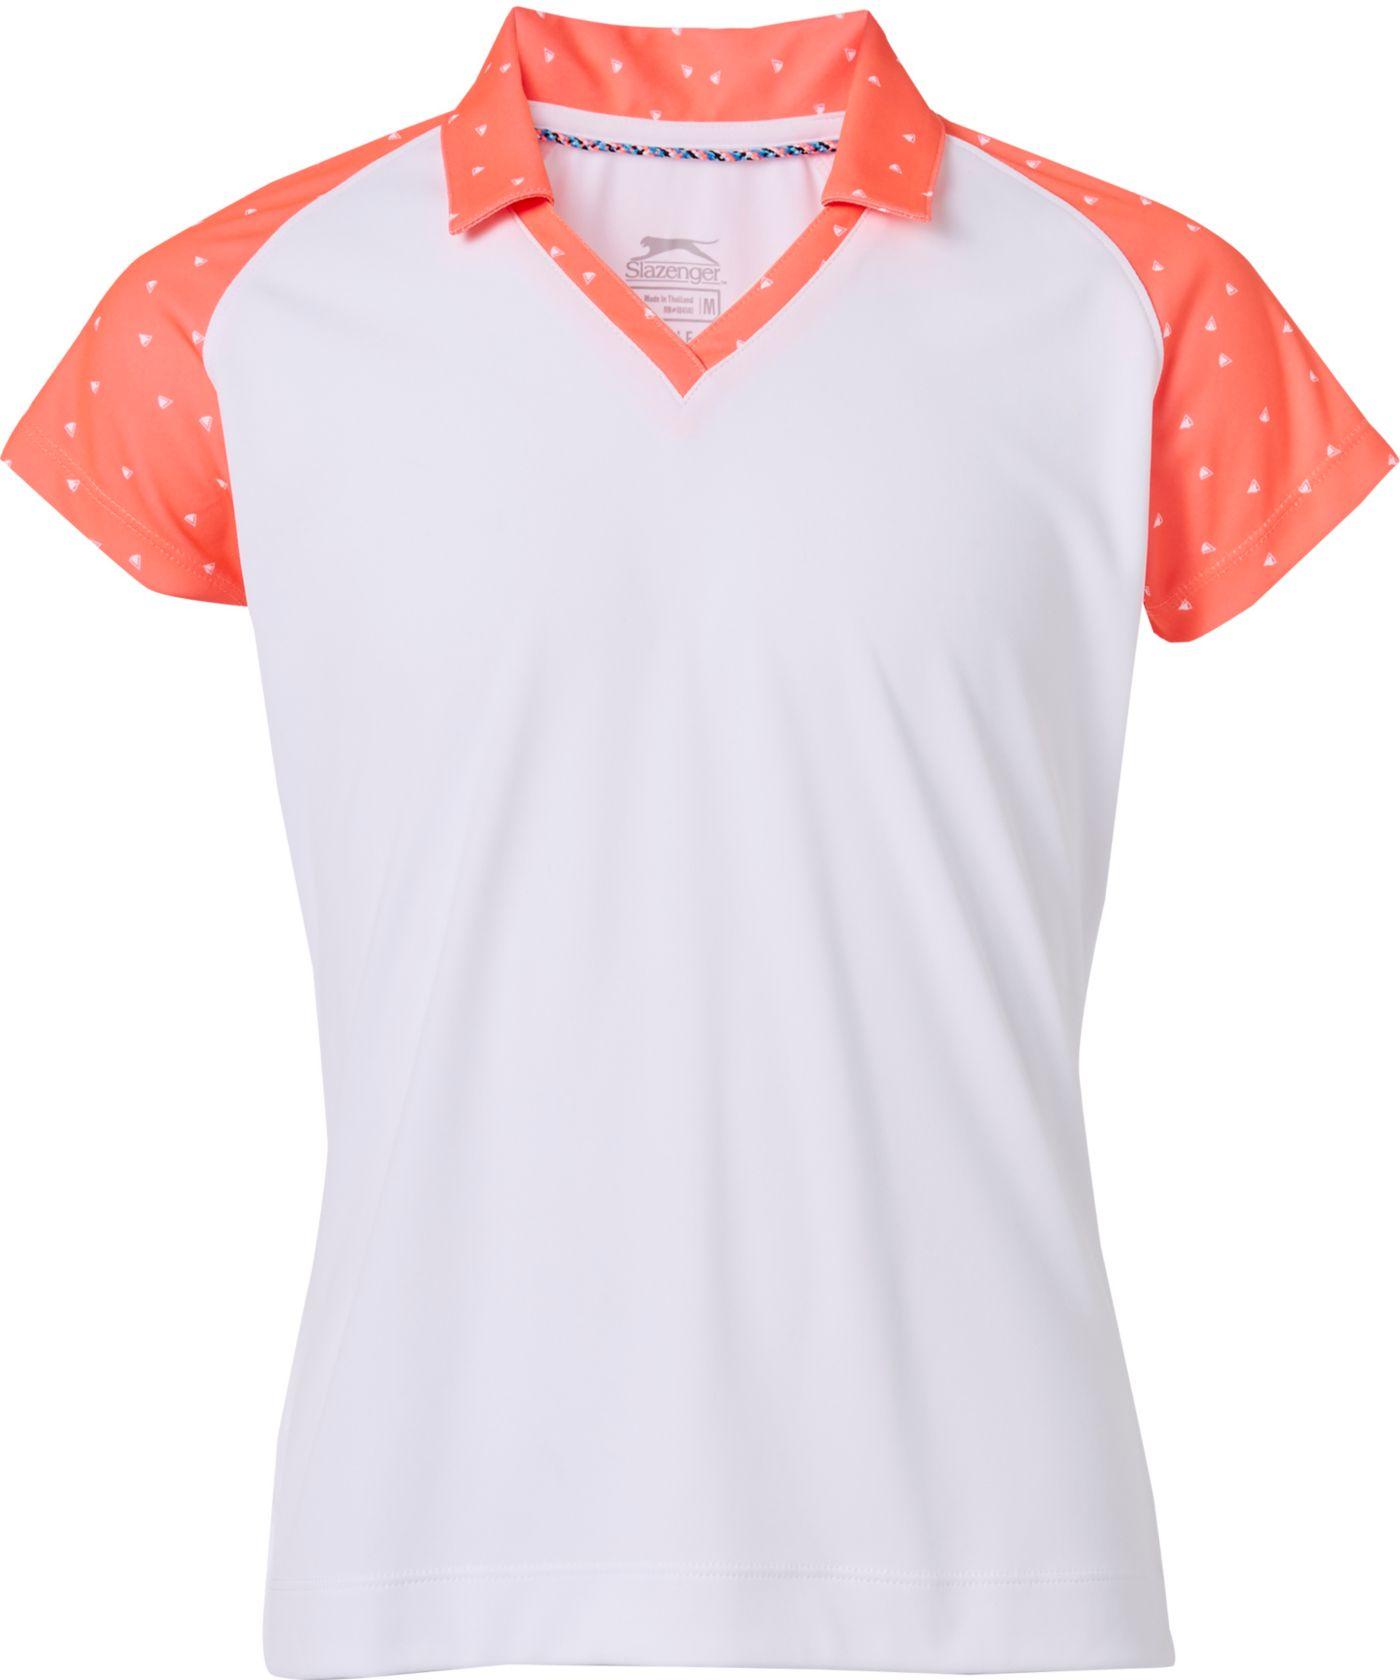 Slazenger Girls' Printed Polo